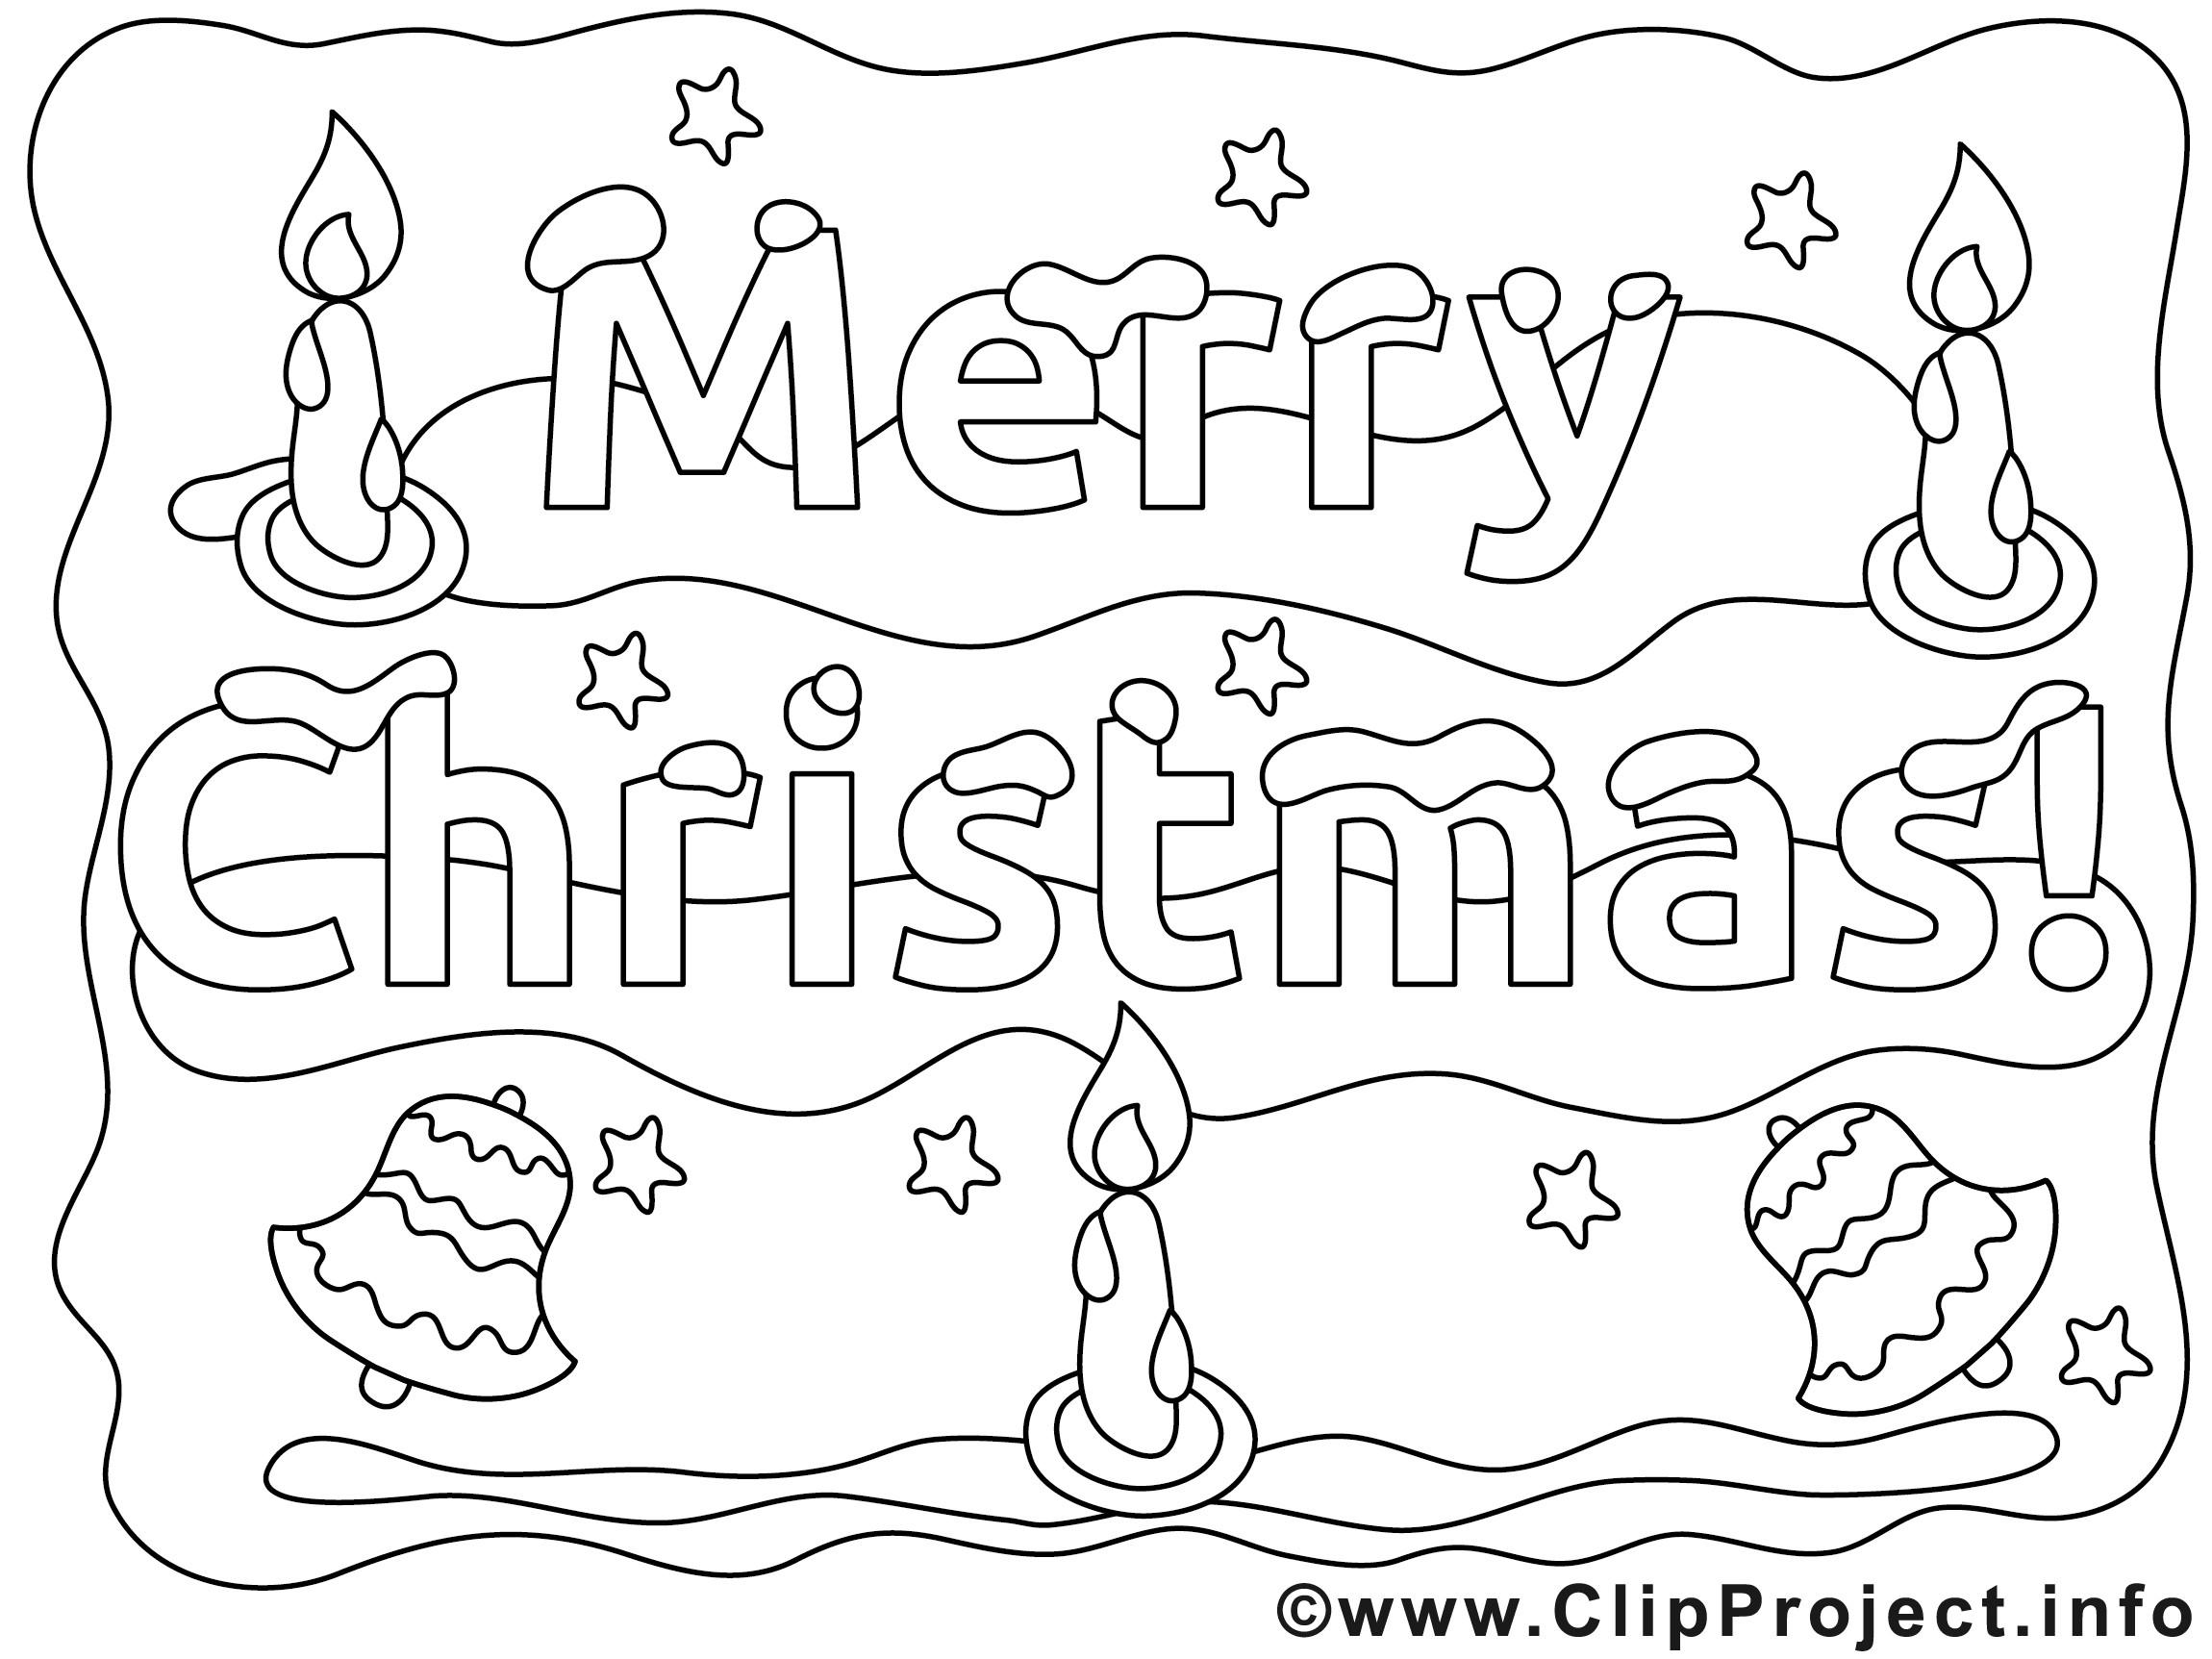 Ausmalbilder Weihnachten Advent Einzigartig Weihnachtsbilder Malen Malvorlagen Weihnachten Bilder